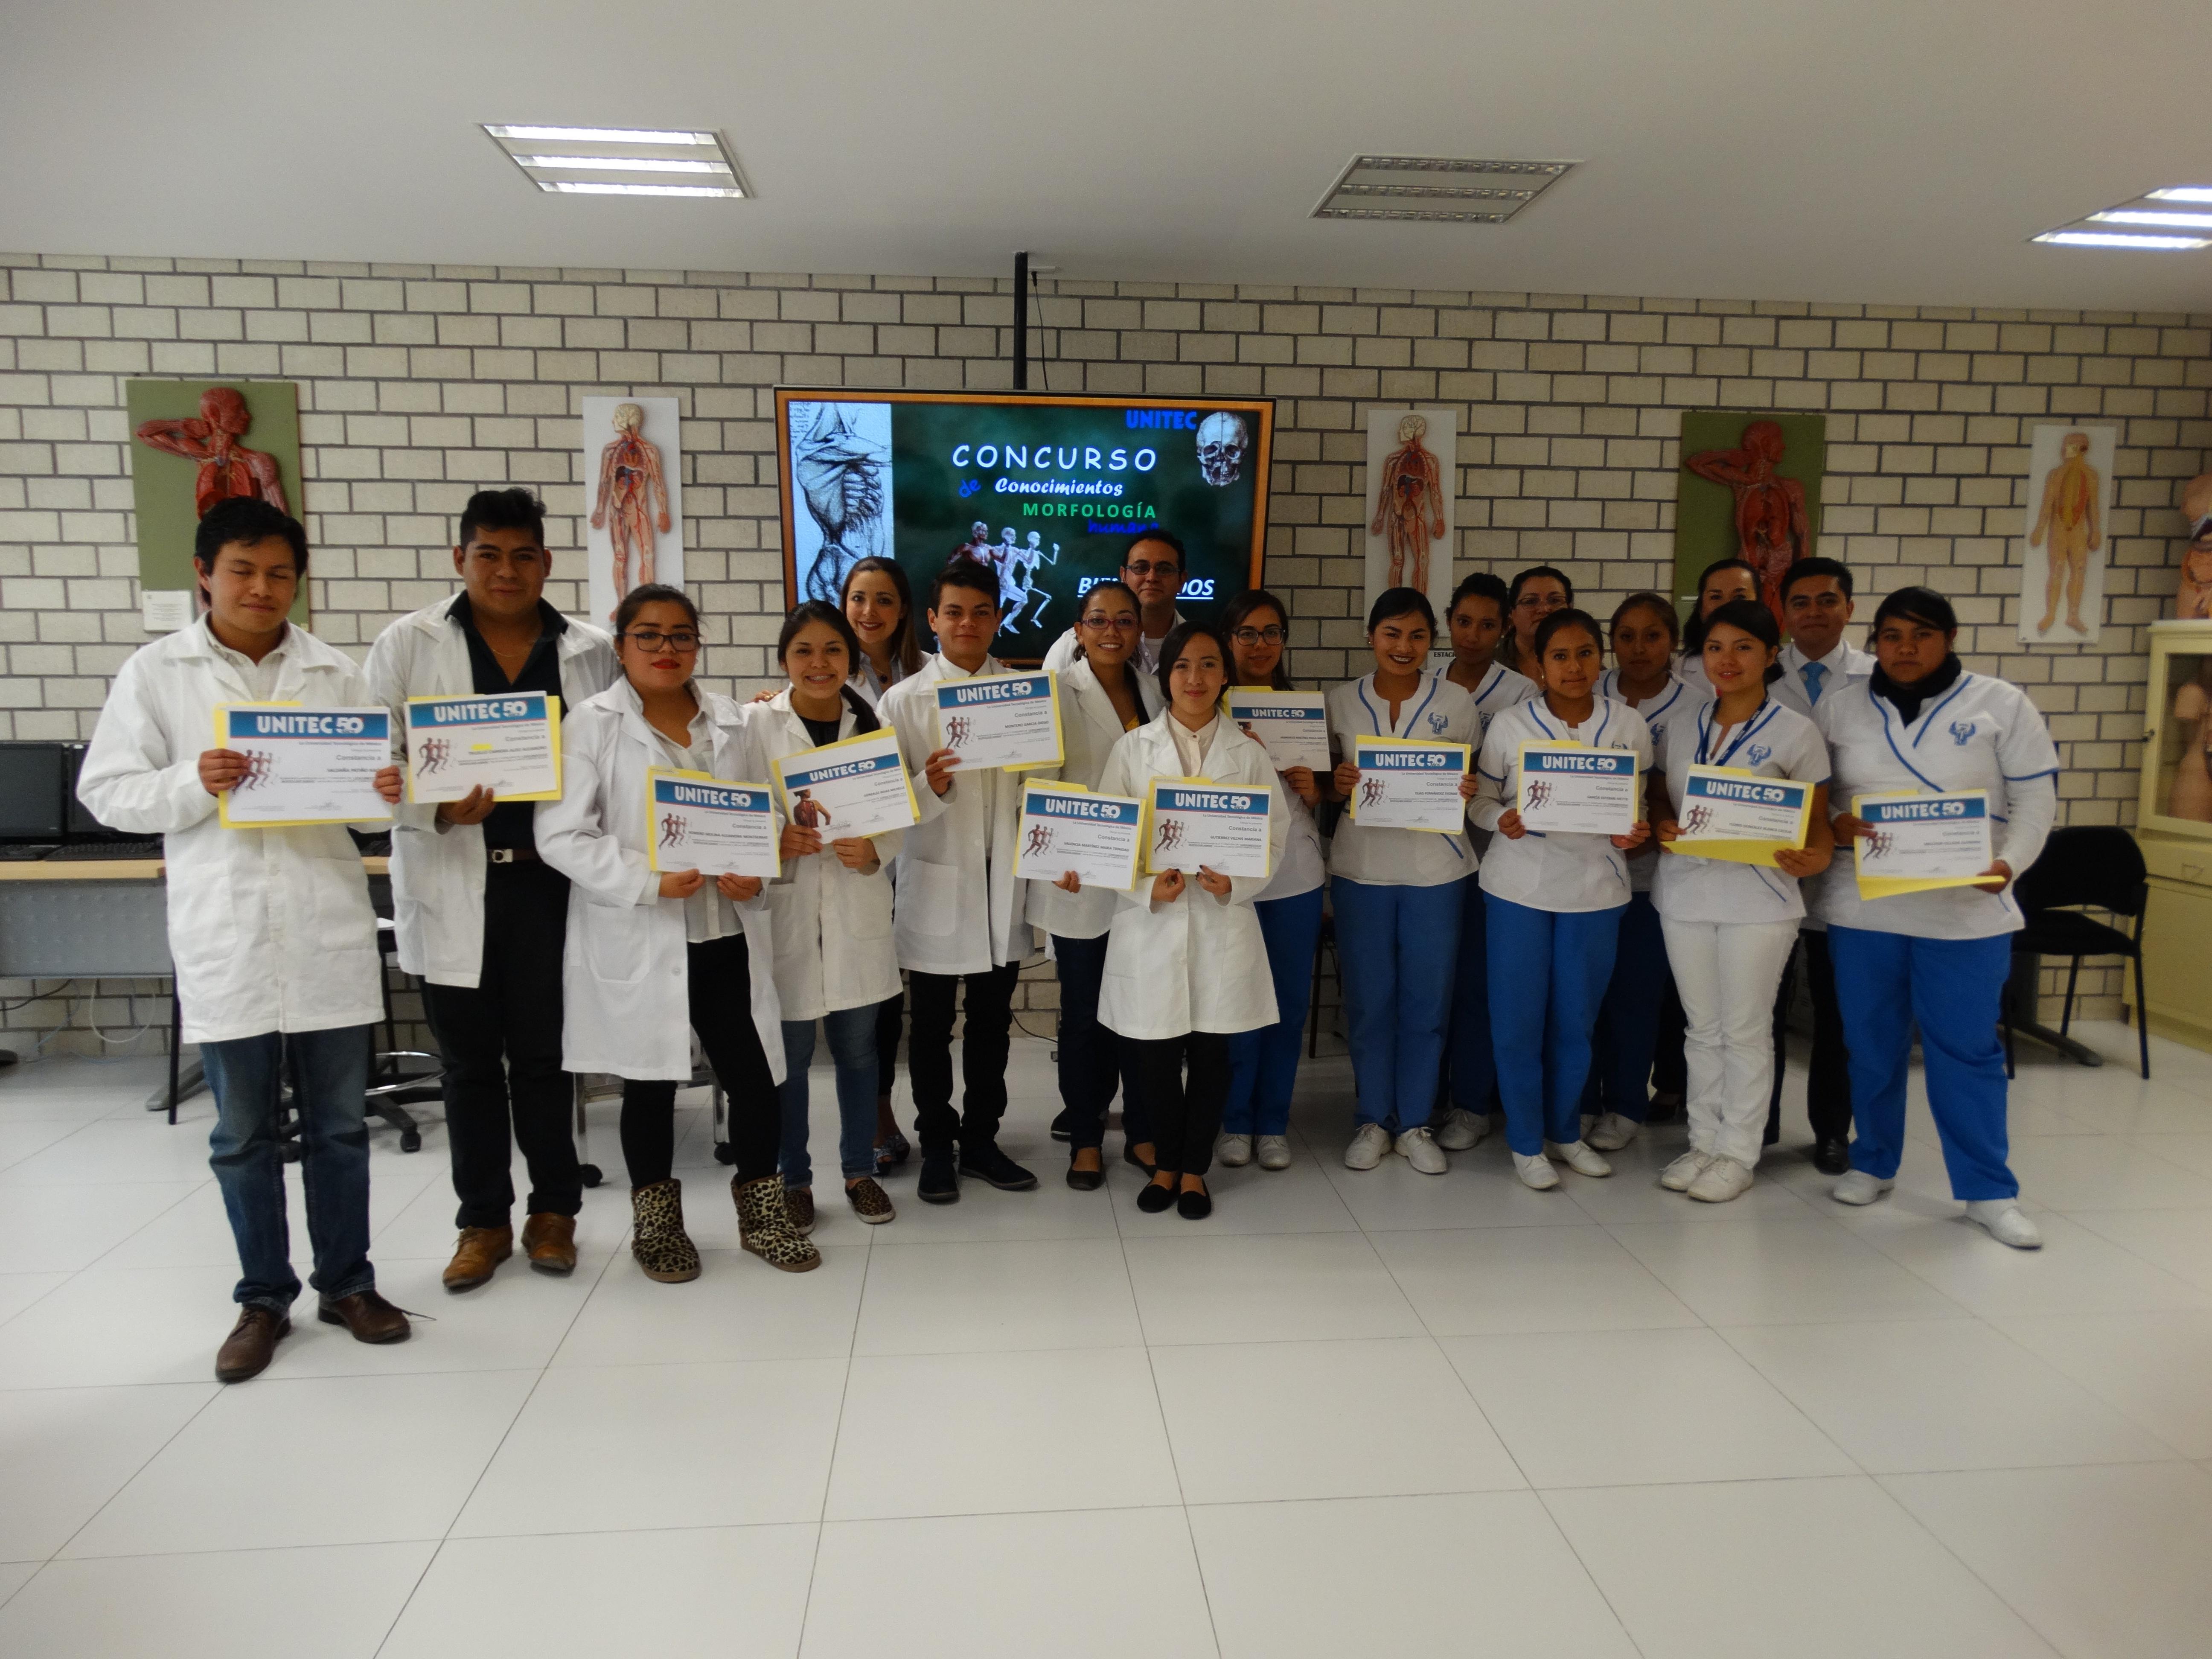 Campus Toluca realiza Concurso de conocimientos de Morfología Humana - Featured Image